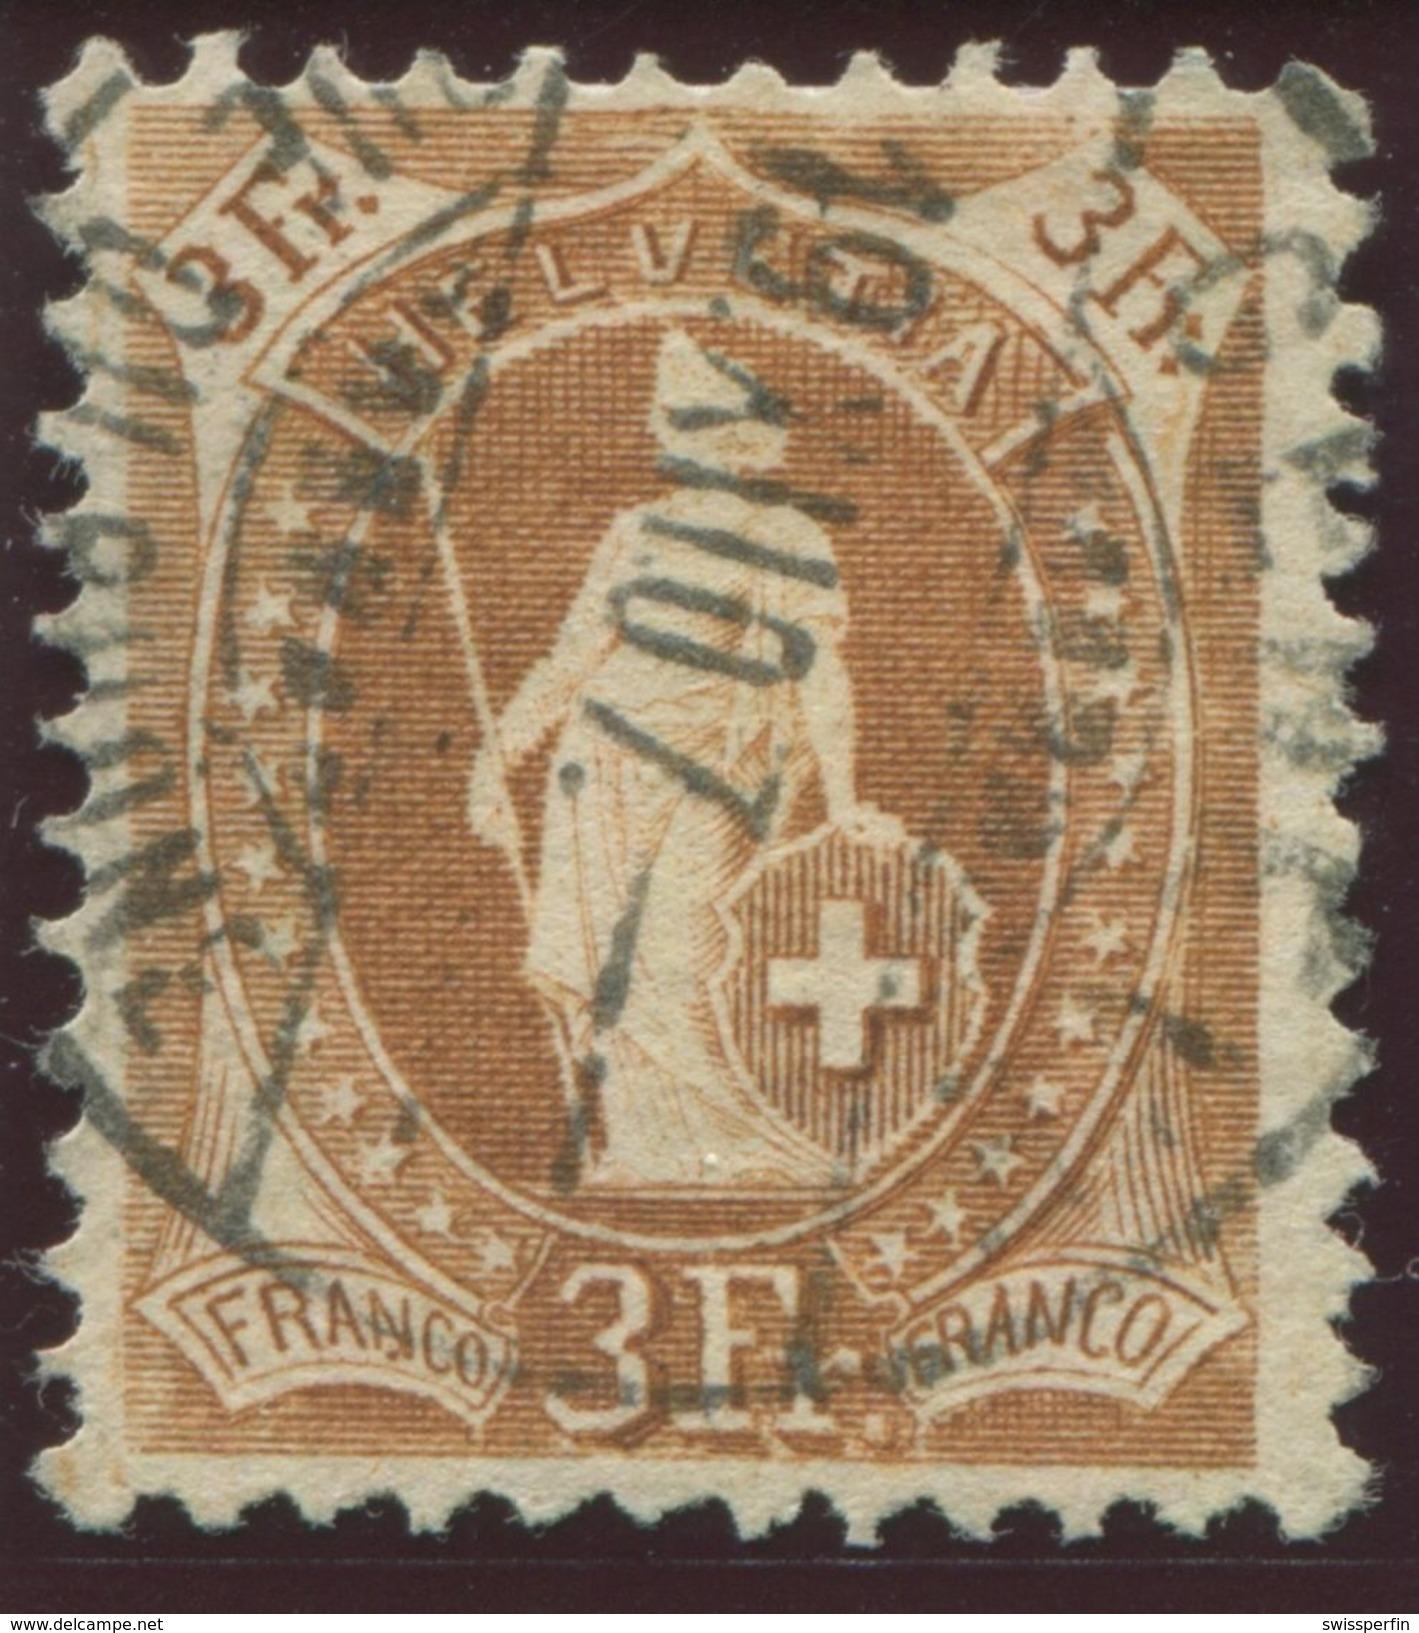 1654 -  3 Fr. Stehende Helvetia Mit Retusche - Marke Signiert Moser Und Mit Attest Renggli - 1882-1906 Armoiries, Helvetia Debout & UPU